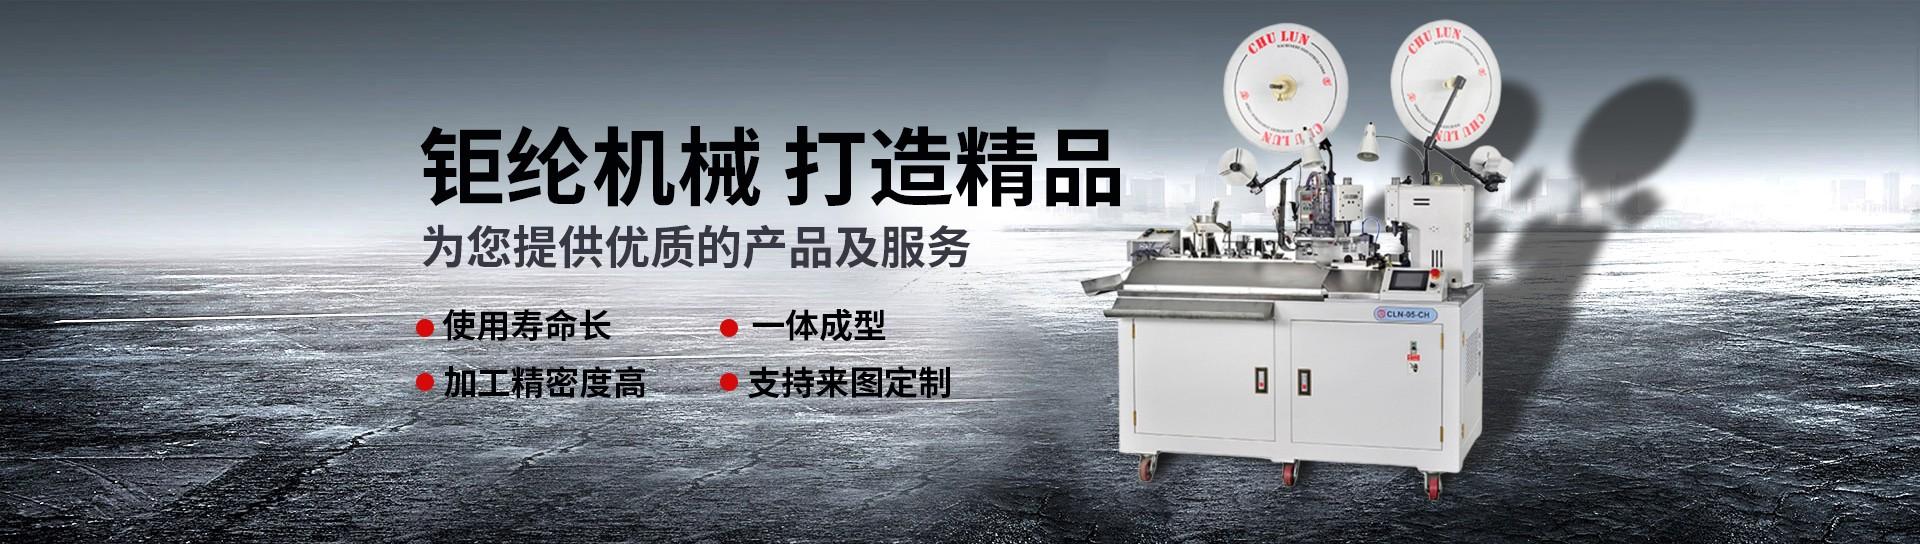 全自动端子机的基础注意事项与保养维护。